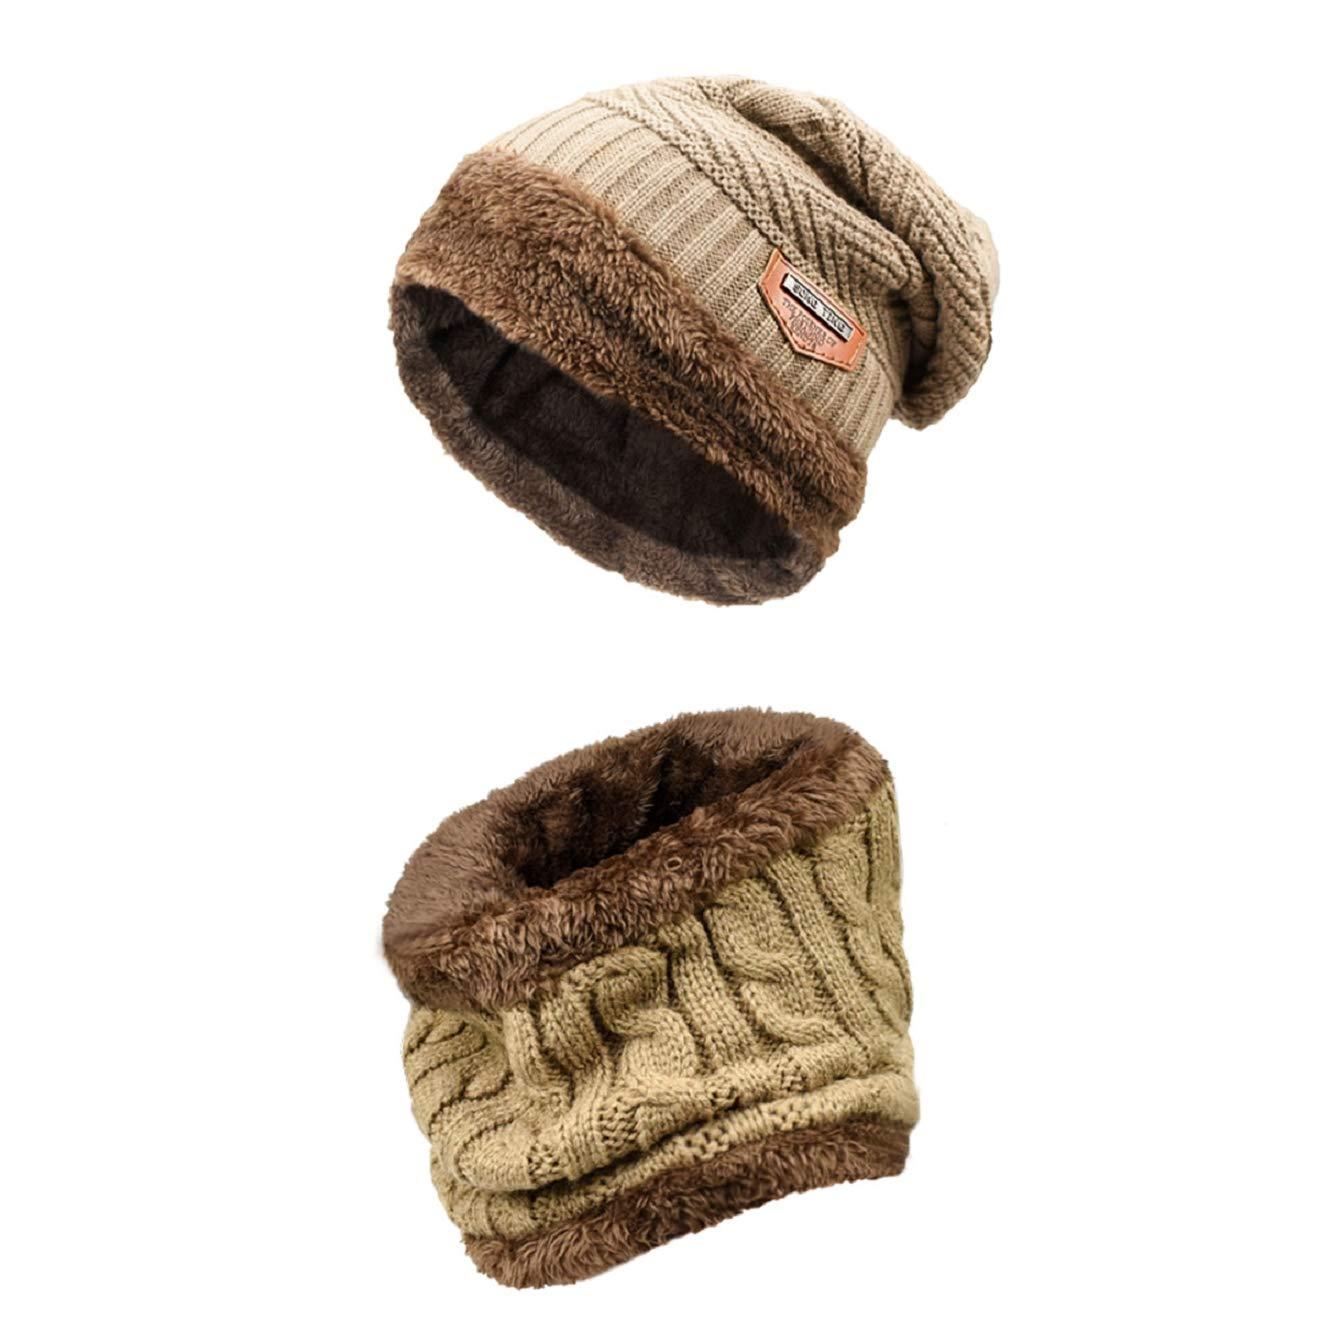 Bufanda Gorro Invierno un Conjunto Tejer Beanie Gorro Cálido Sombrero Más  Grueso con Bufanda Para Hombre Mujer 191075b6965